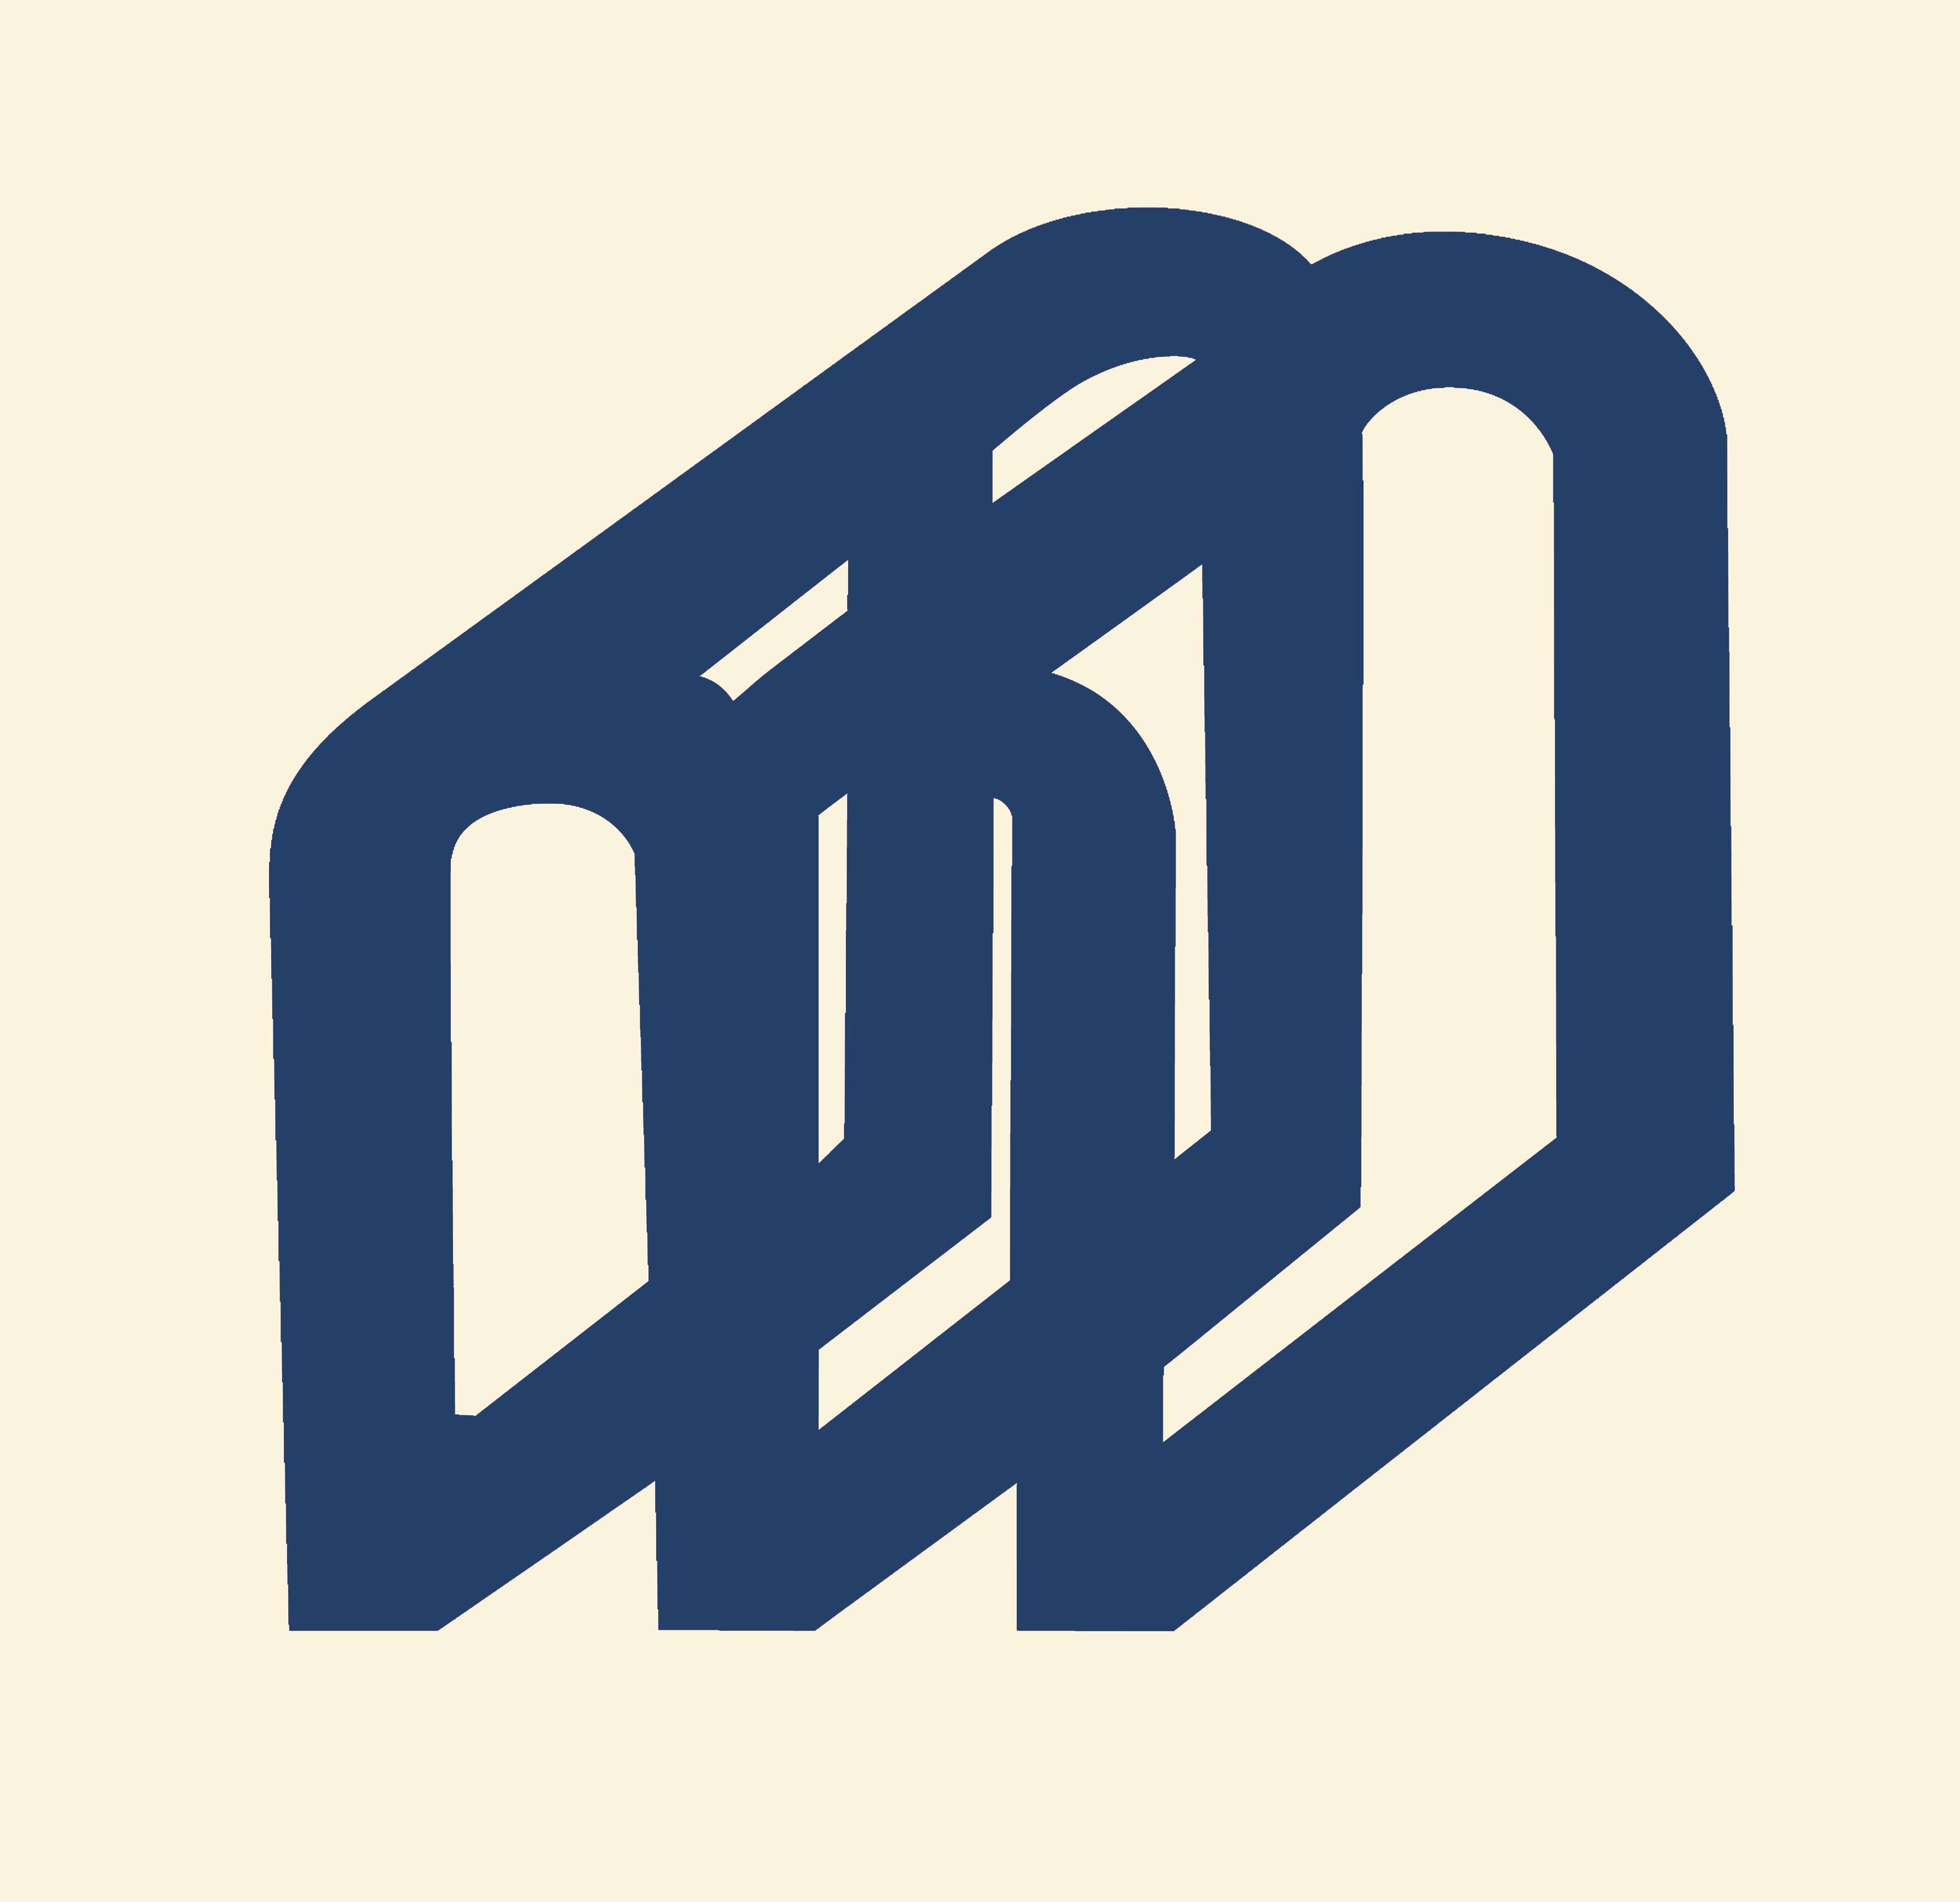 logo 标识 标志 设计 矢量 矢量图 素材 图标 3543_3439